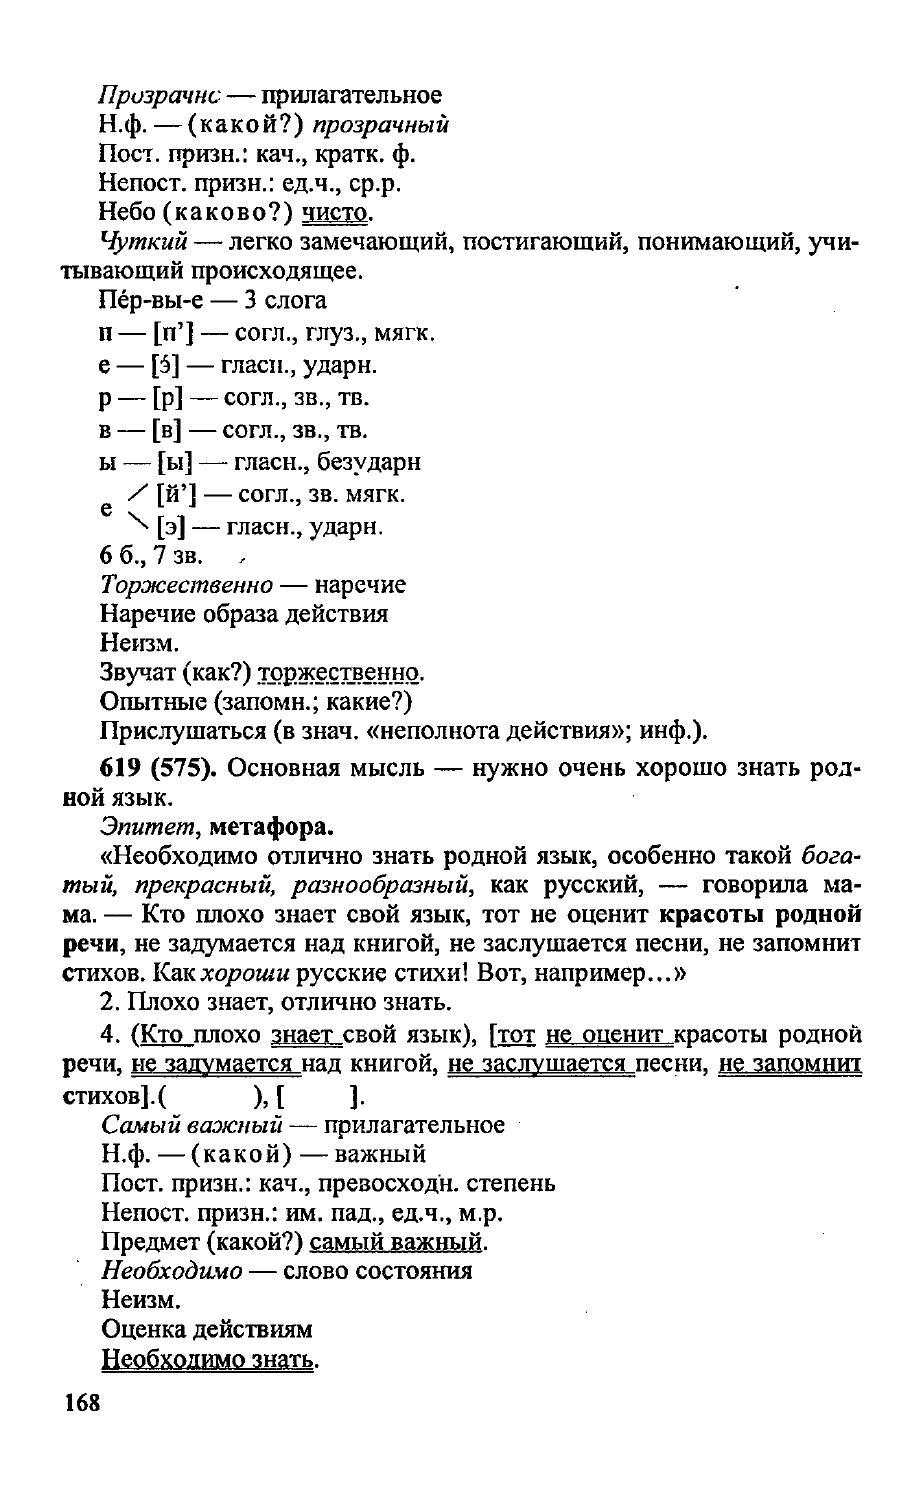 Скачать гдз по русскому языку 6 класс лидмина-орлова г.к